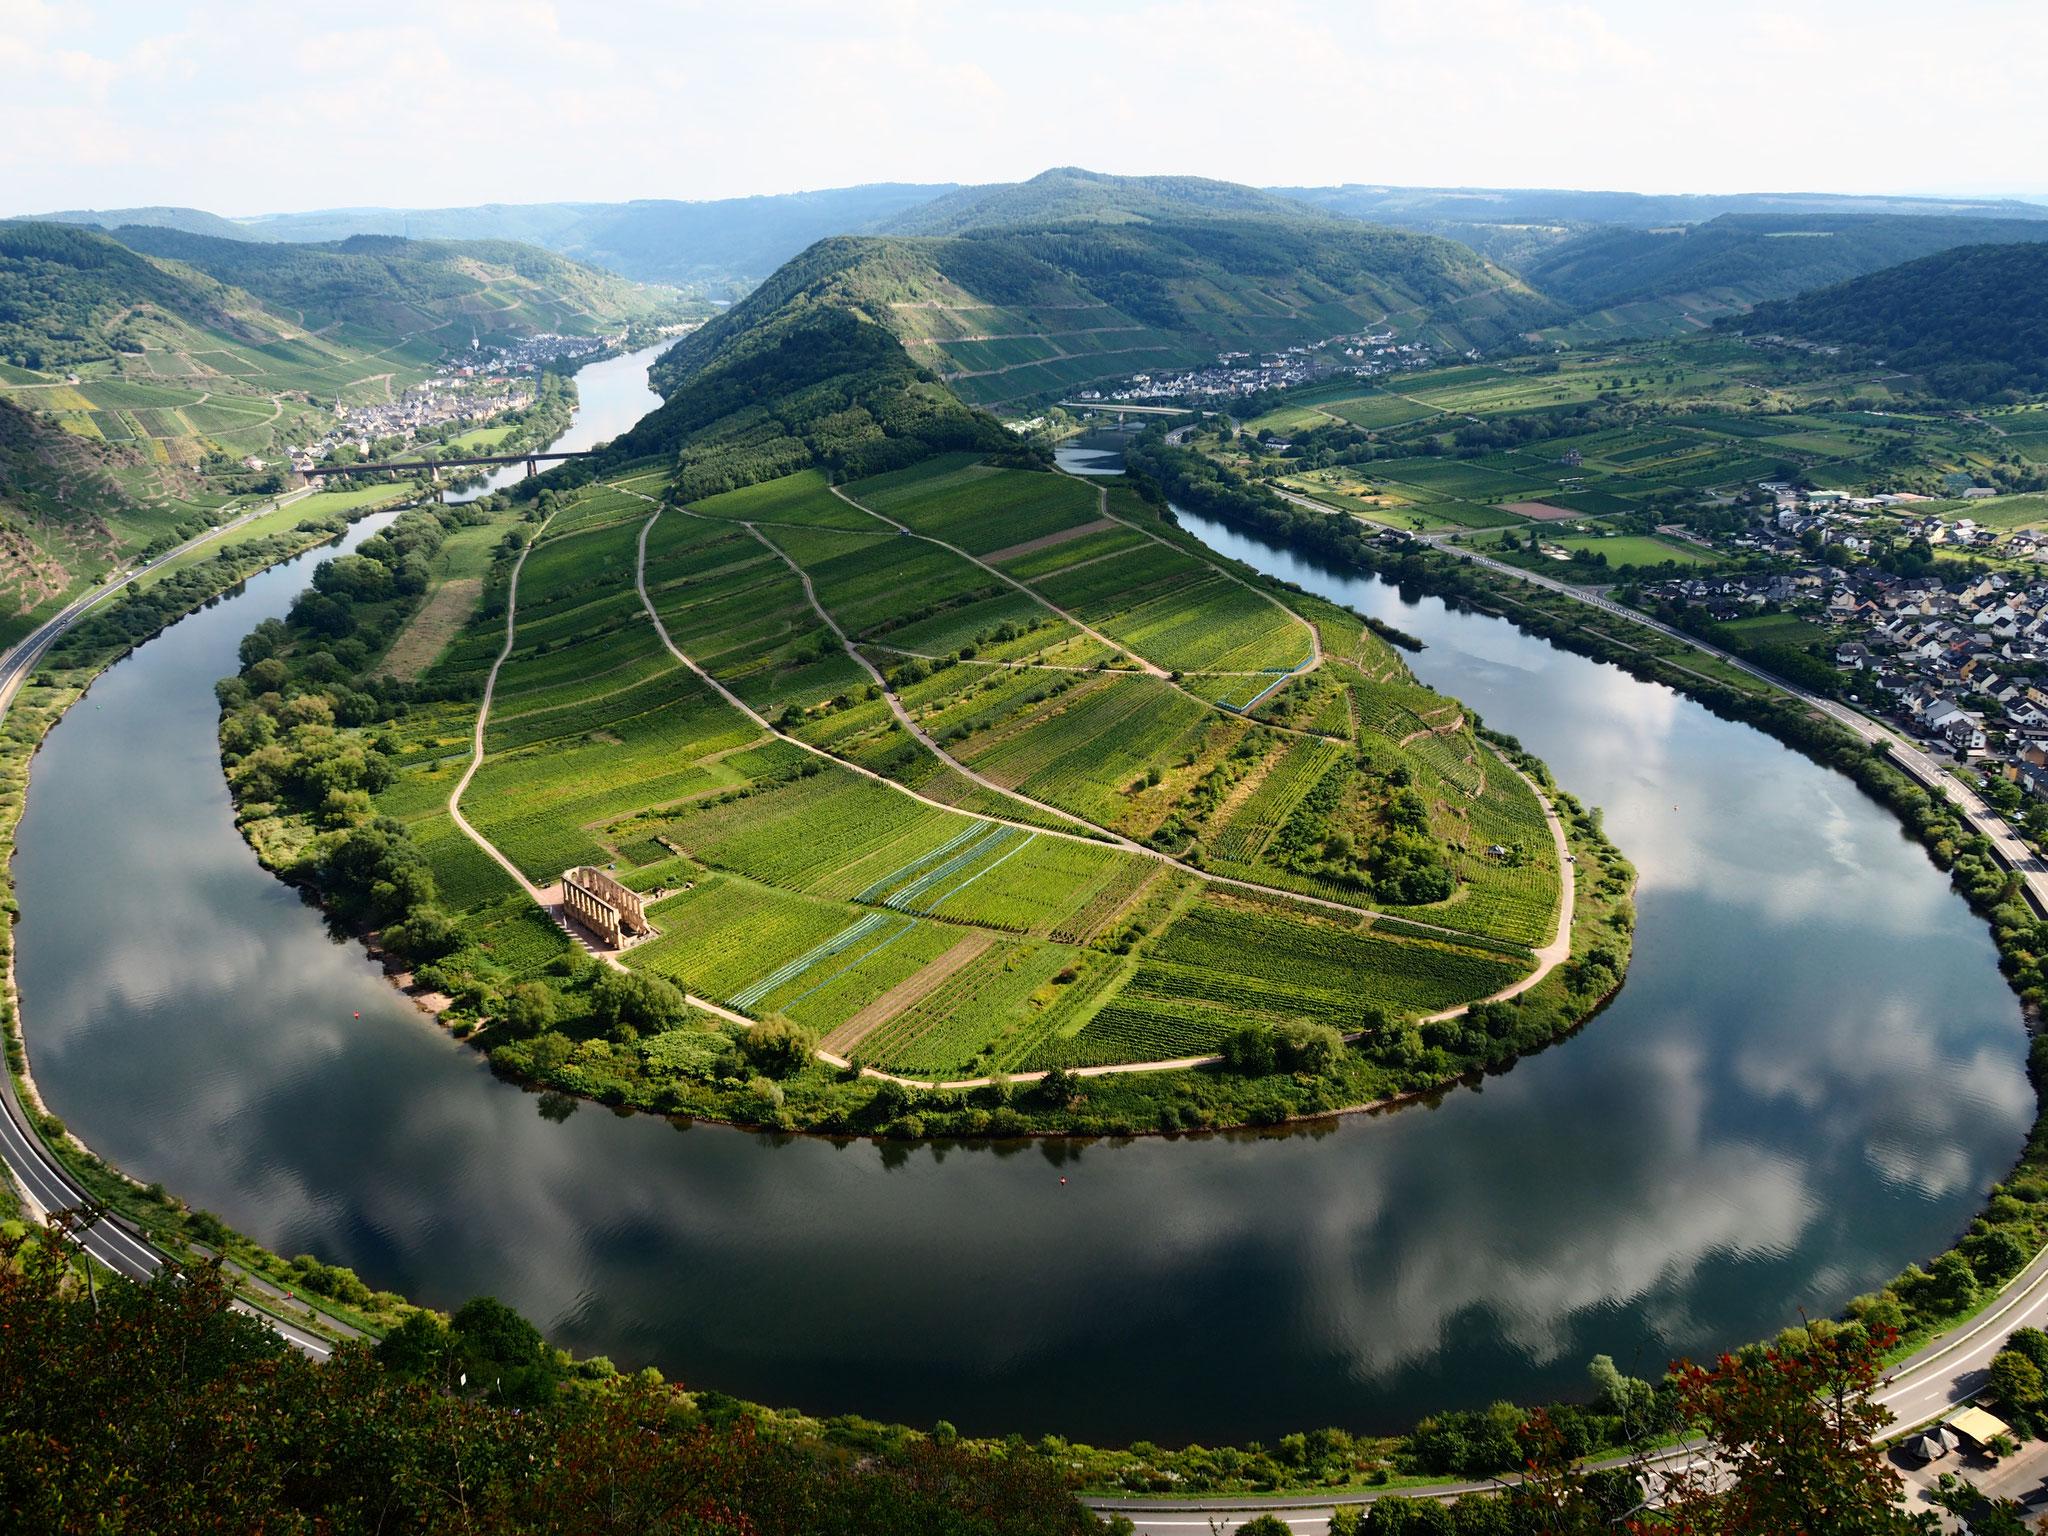 Blick vom Calmont in Bremm, 26 km entfernt, Foto: M. Clemens